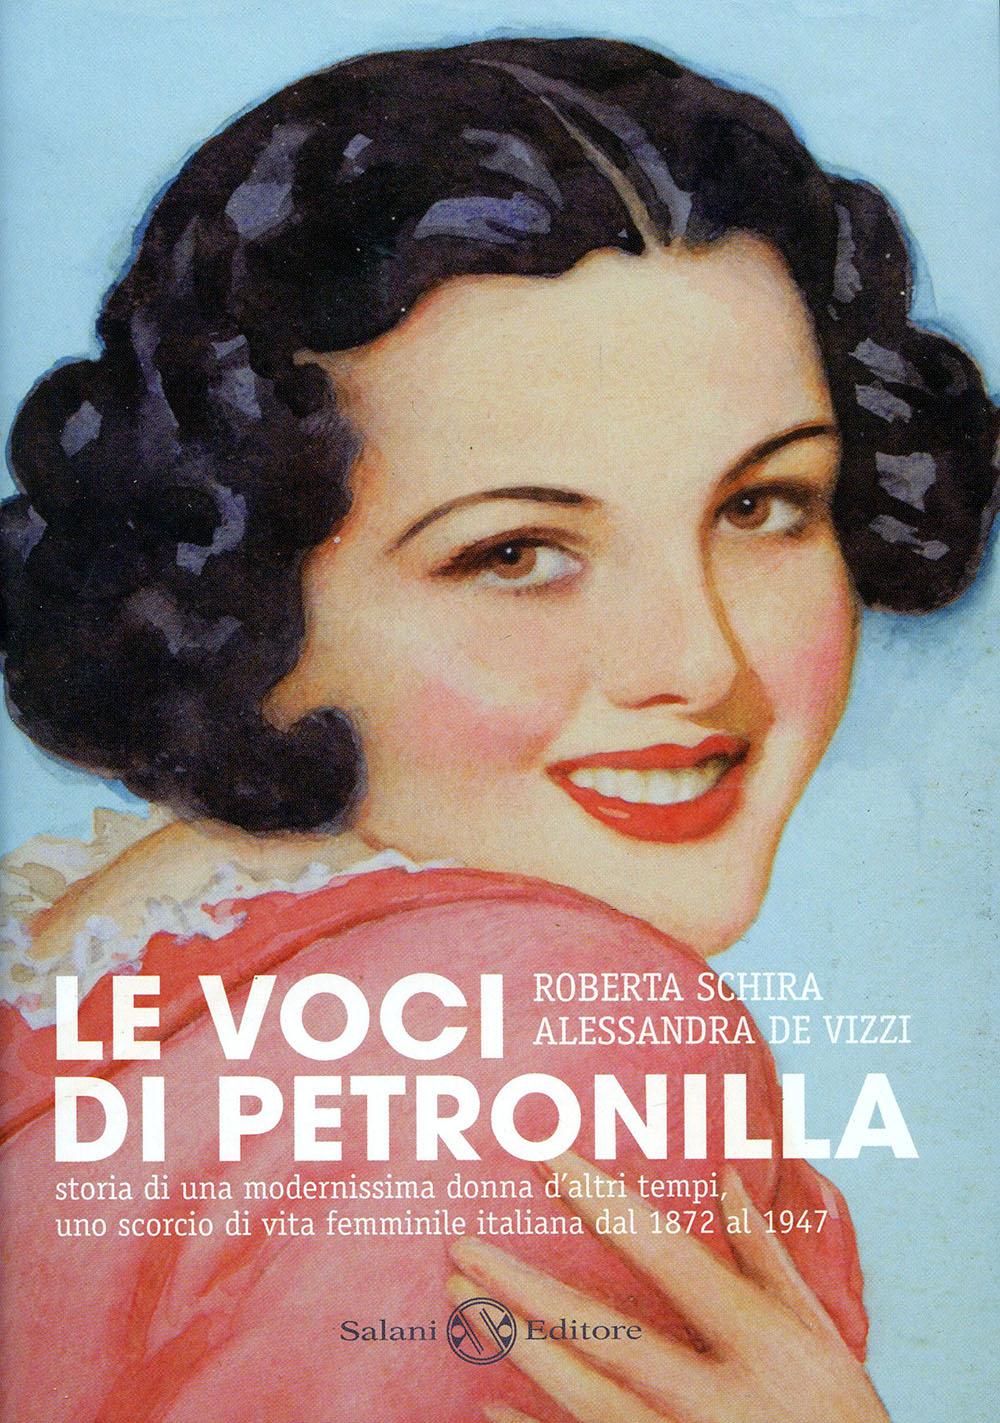 Roberta Schira - Le voci di Petronilla - Salani Editore